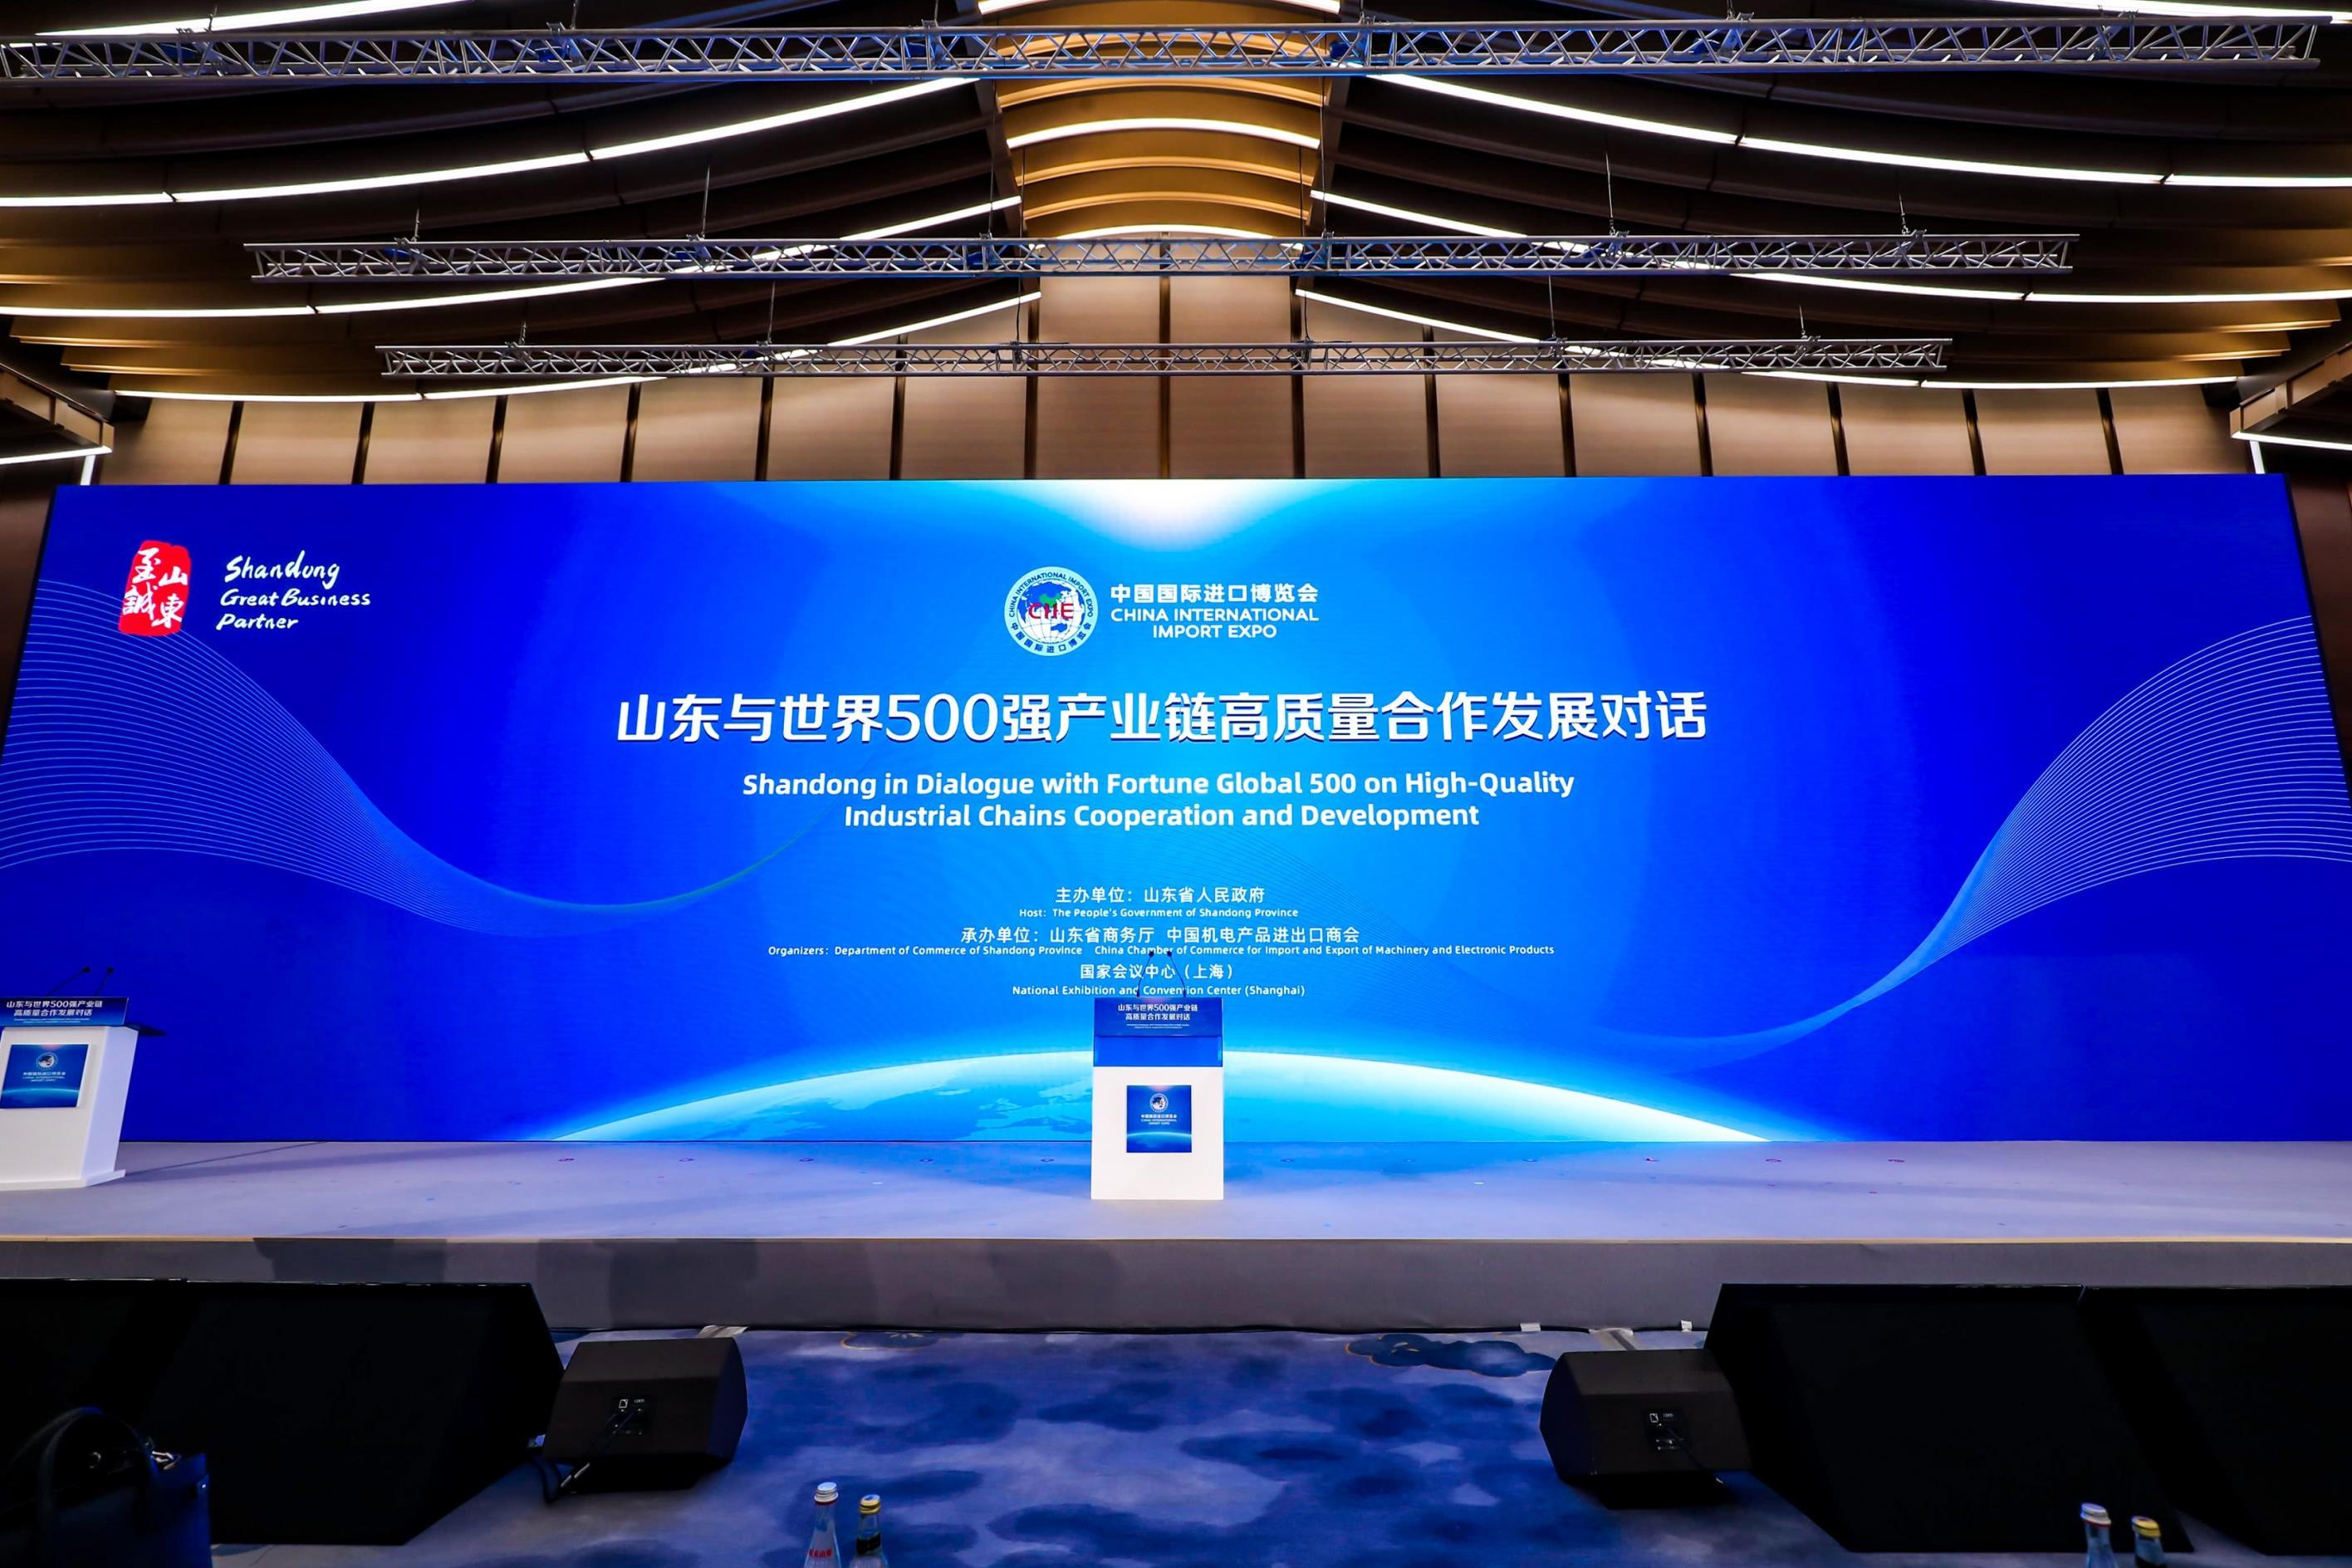 """机电商会成功承办第三届进博会""""山东与世界500强产业链高质量合作发展对话""""活动"""